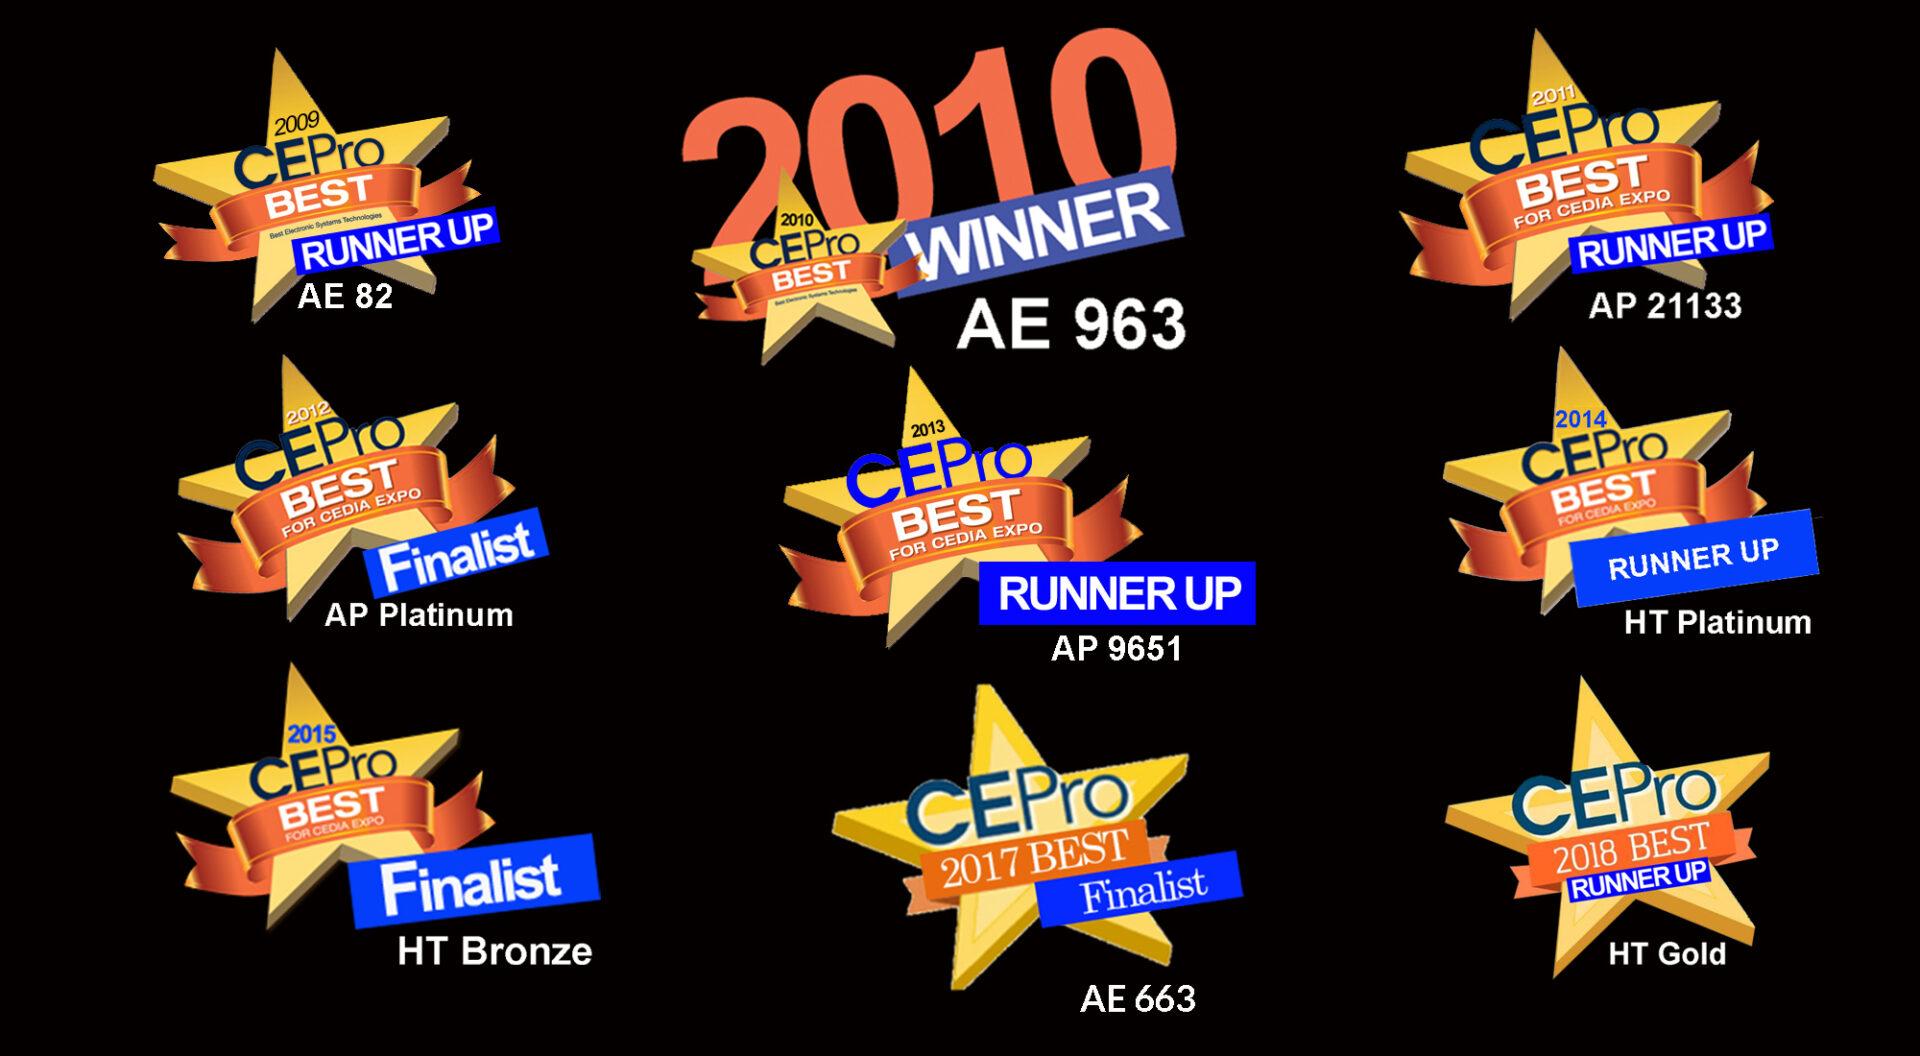 awards_banner (1)